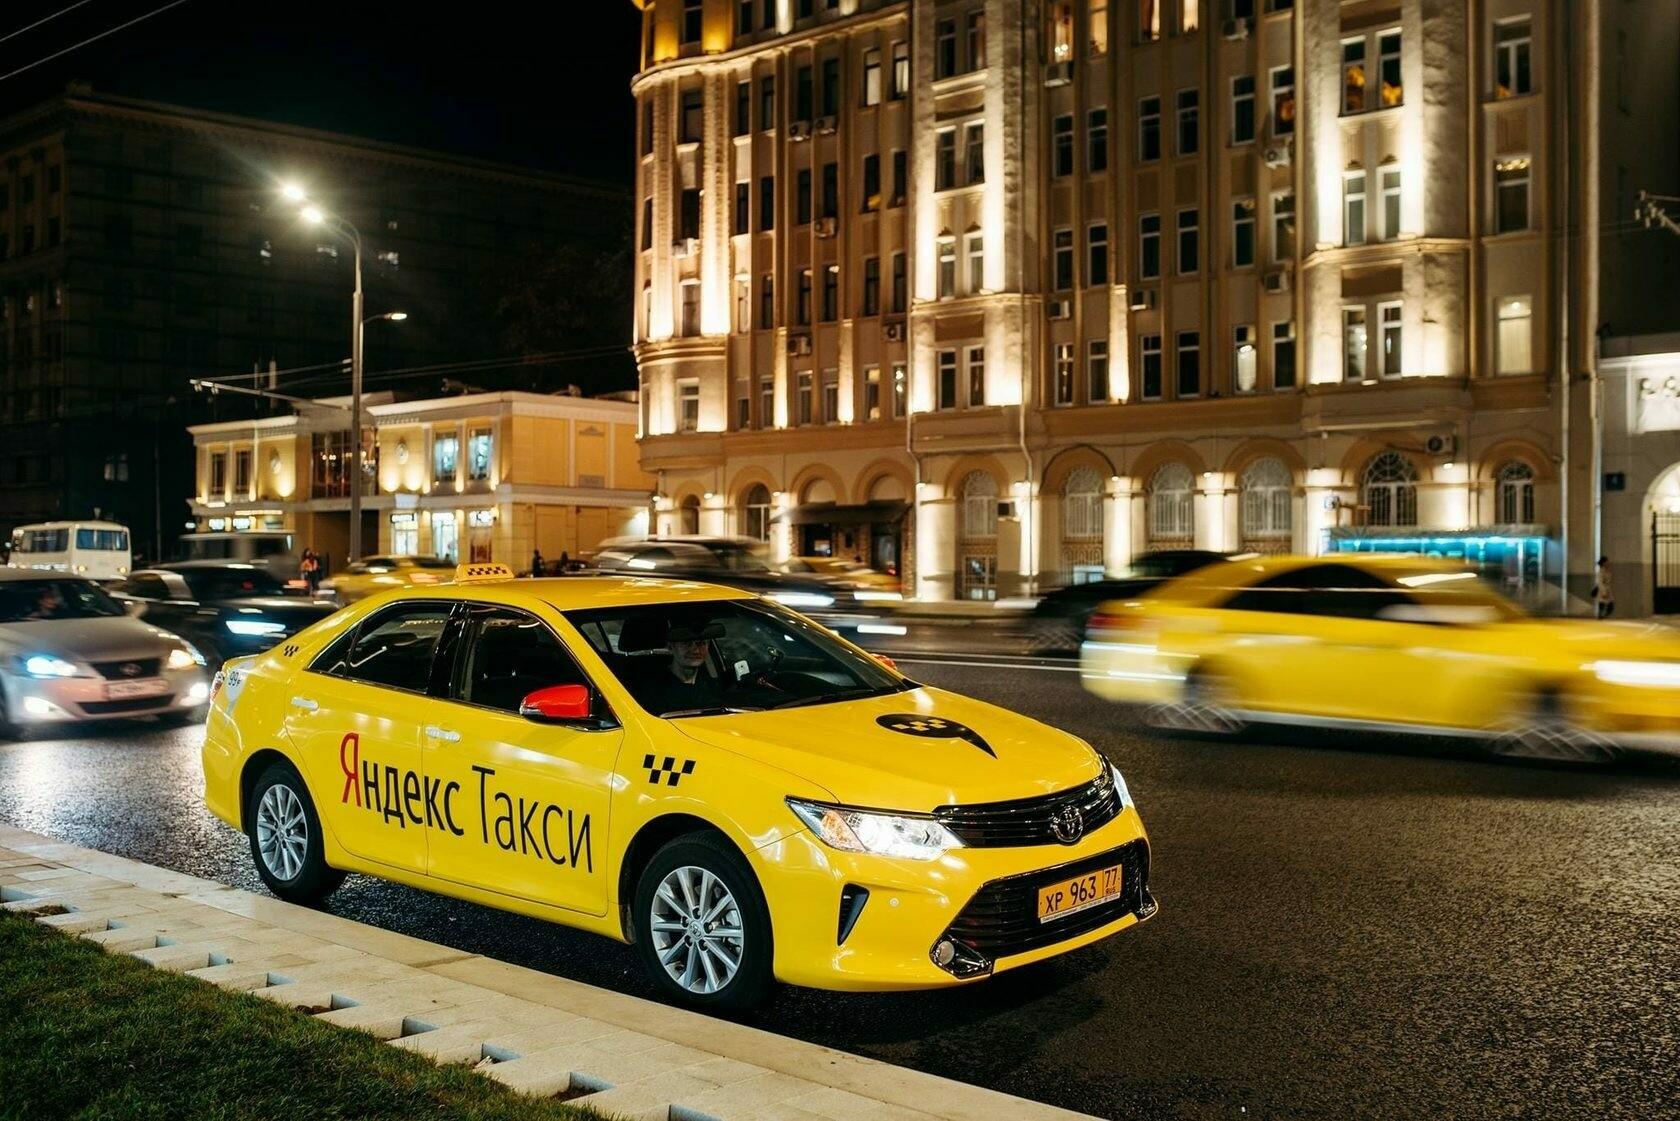 """«""""Яндекс.Такси"""" займёт до 23% рынка»: что думают представители индустрии о сделке между «Яндексом» и «Везёт»"""